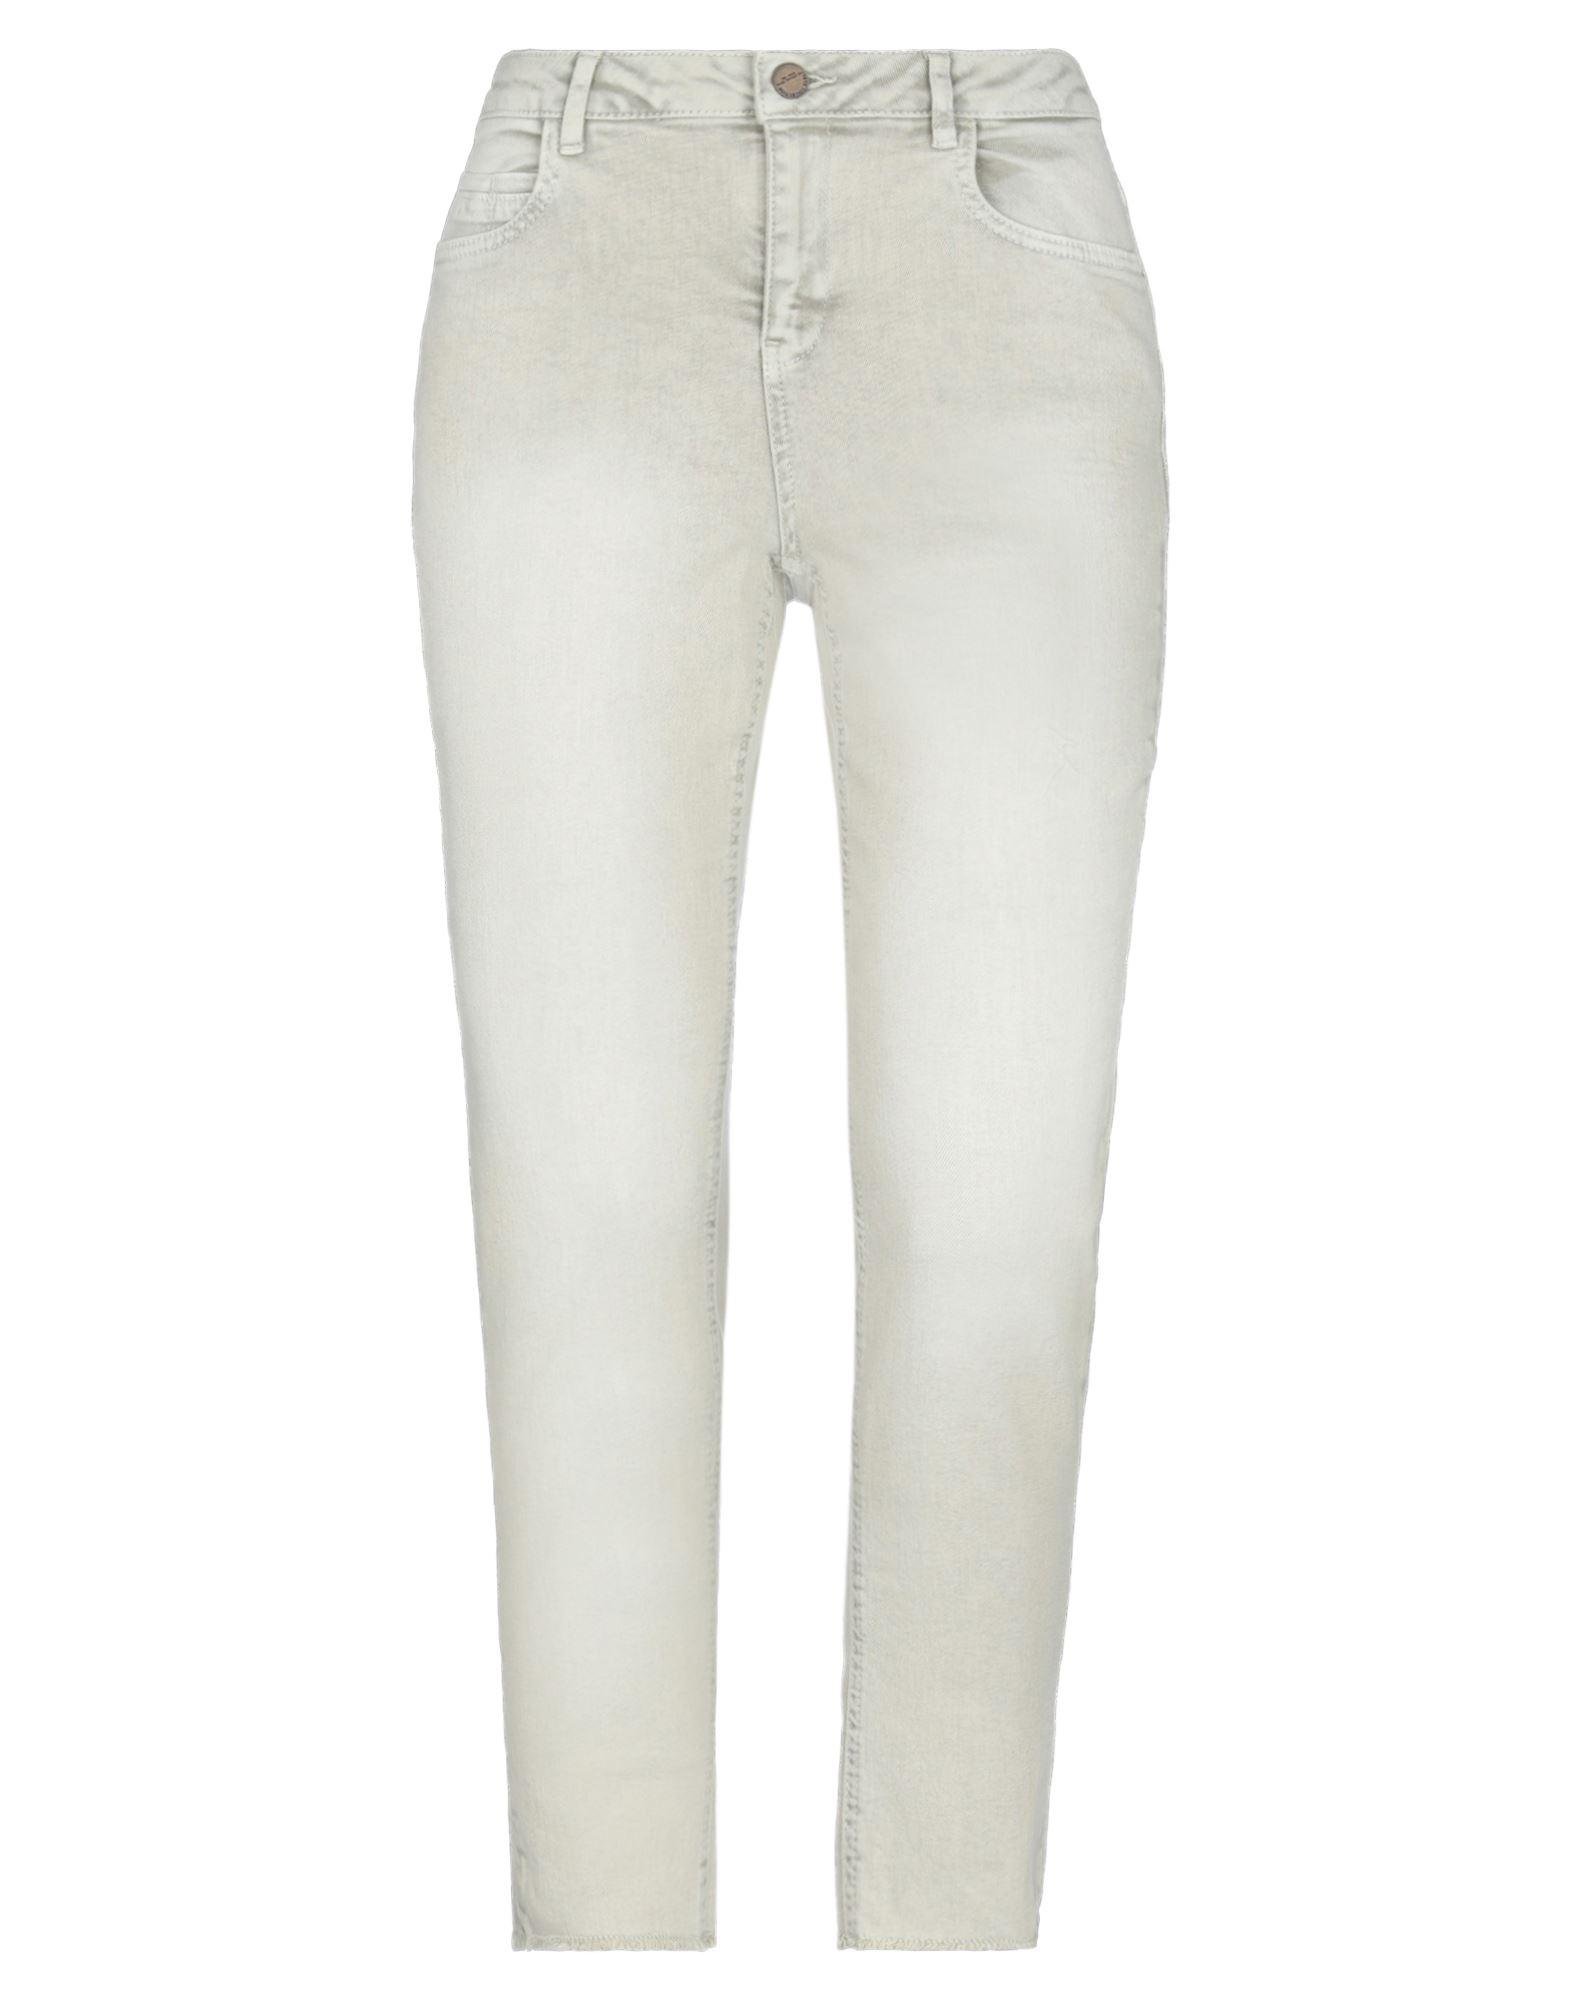 yaya повседневные шорты YAYA Джинсовые брюки